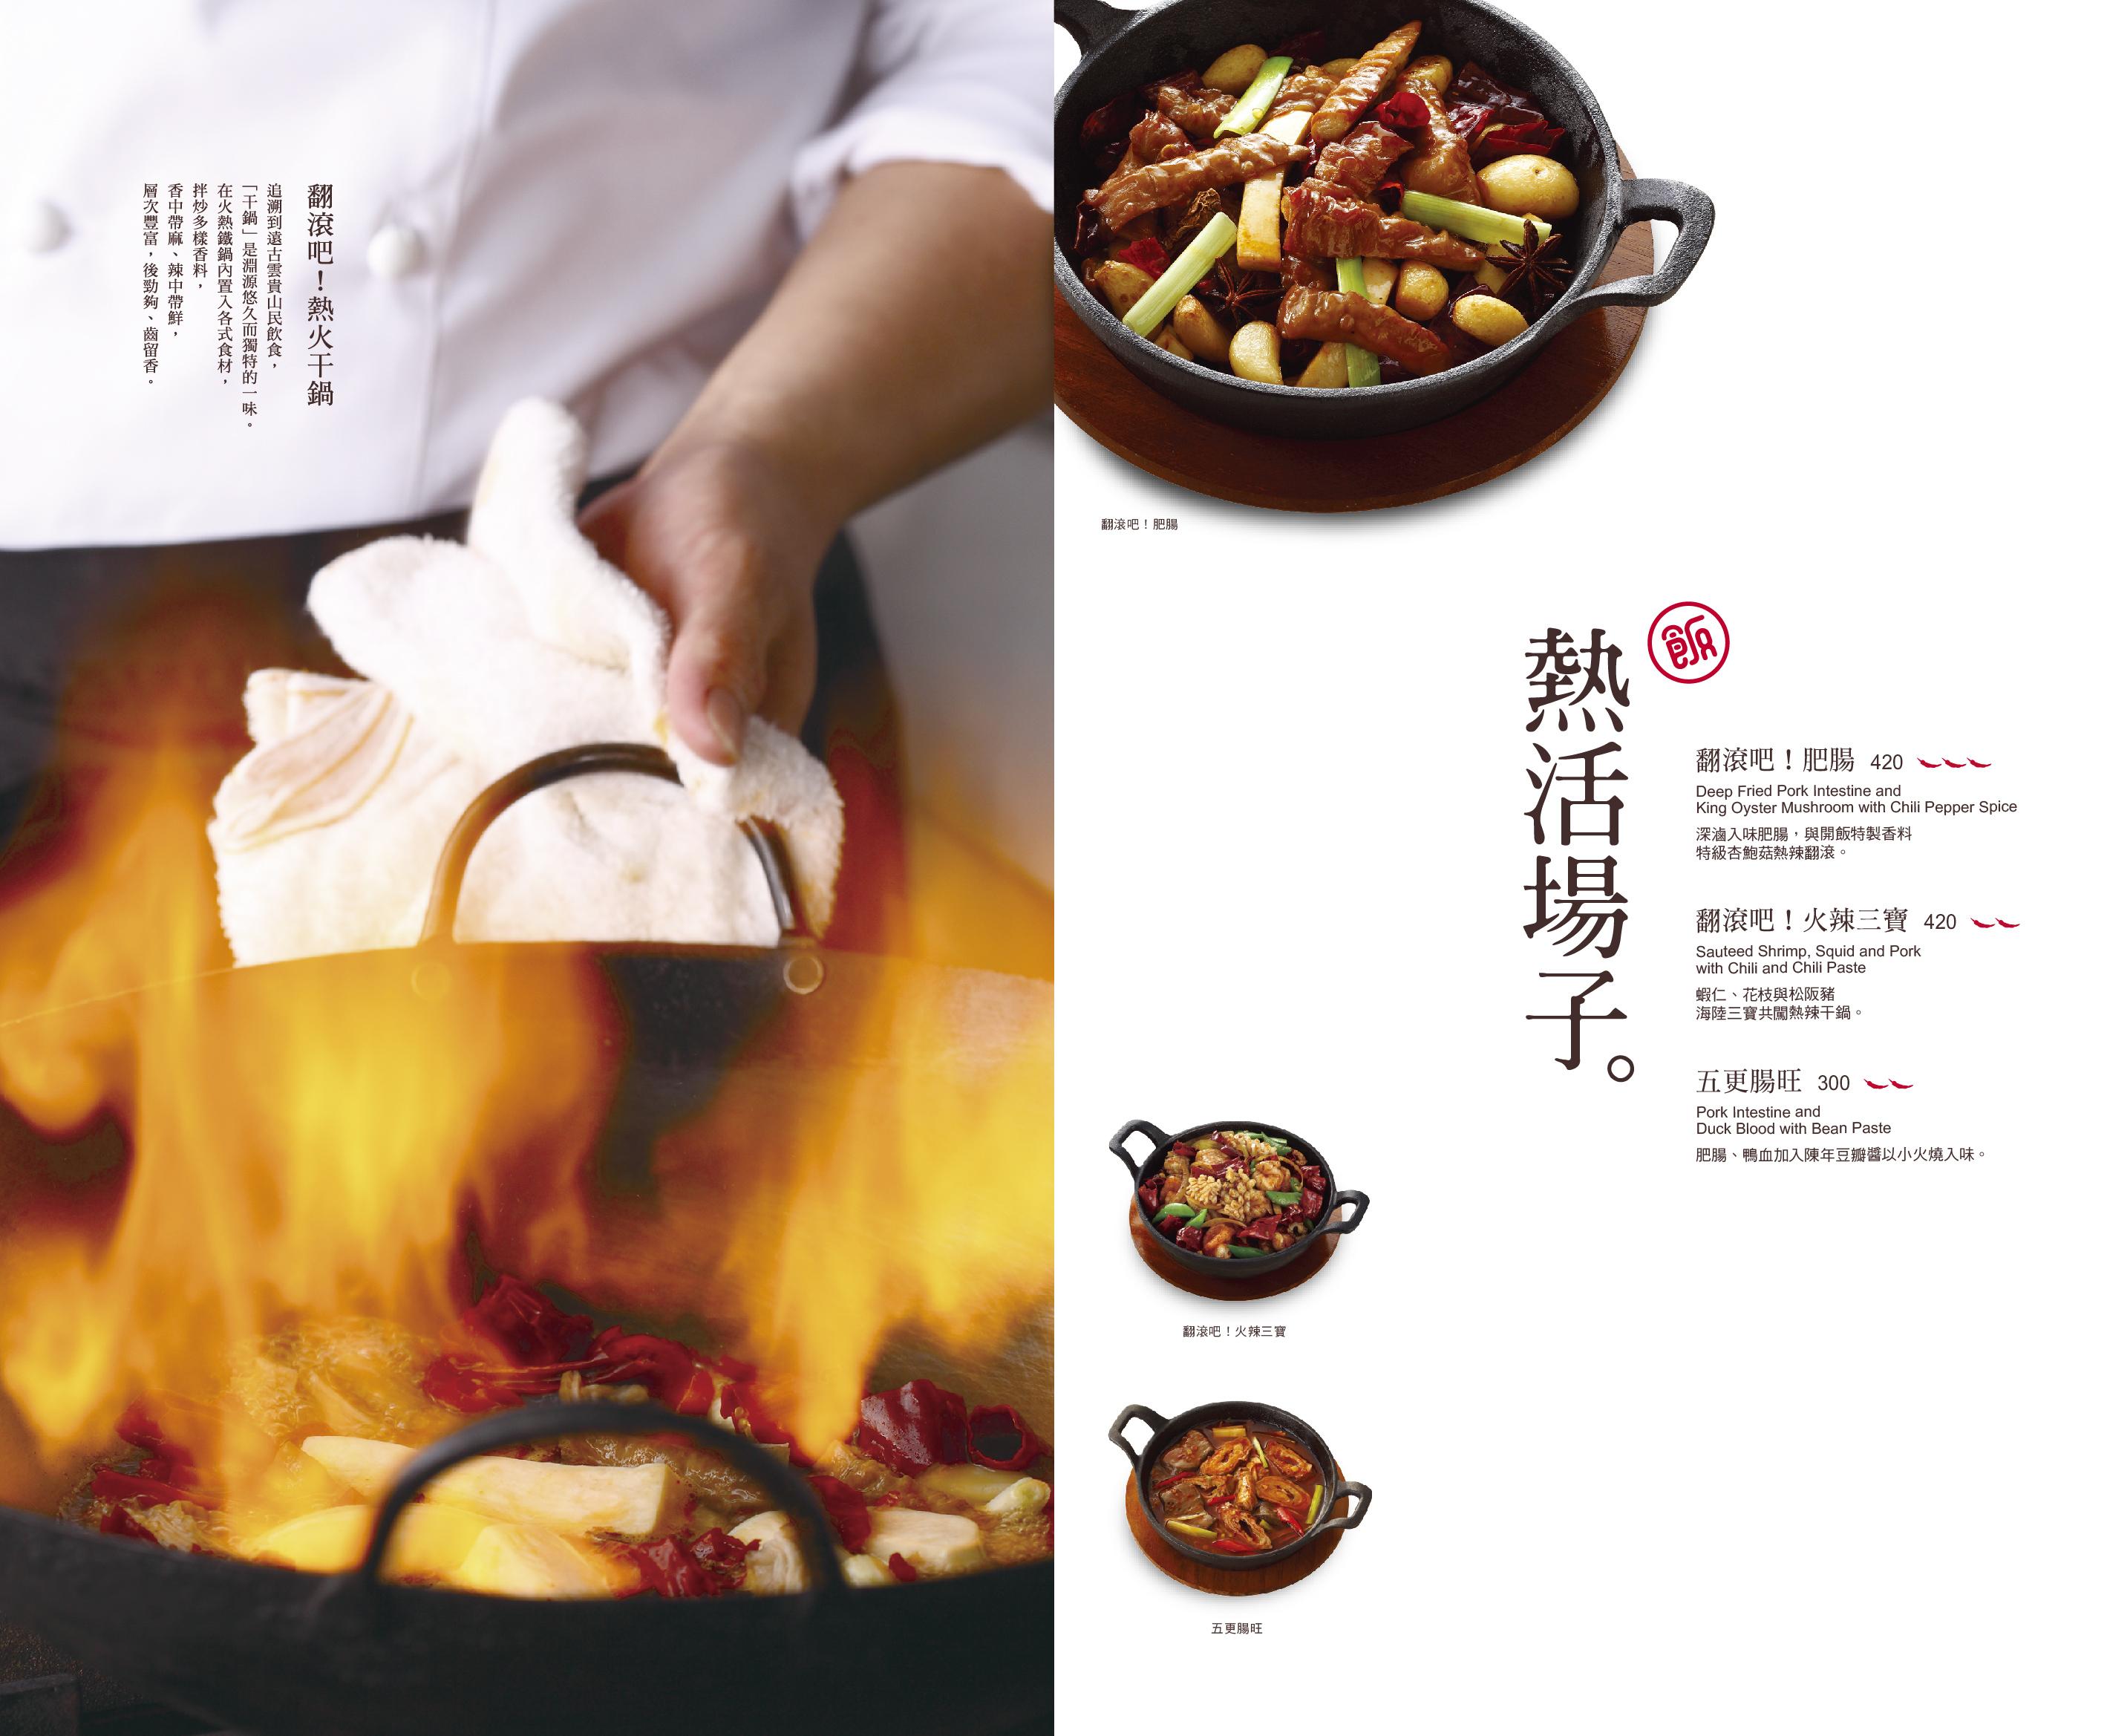 開飯川食堂 菜單 台中09